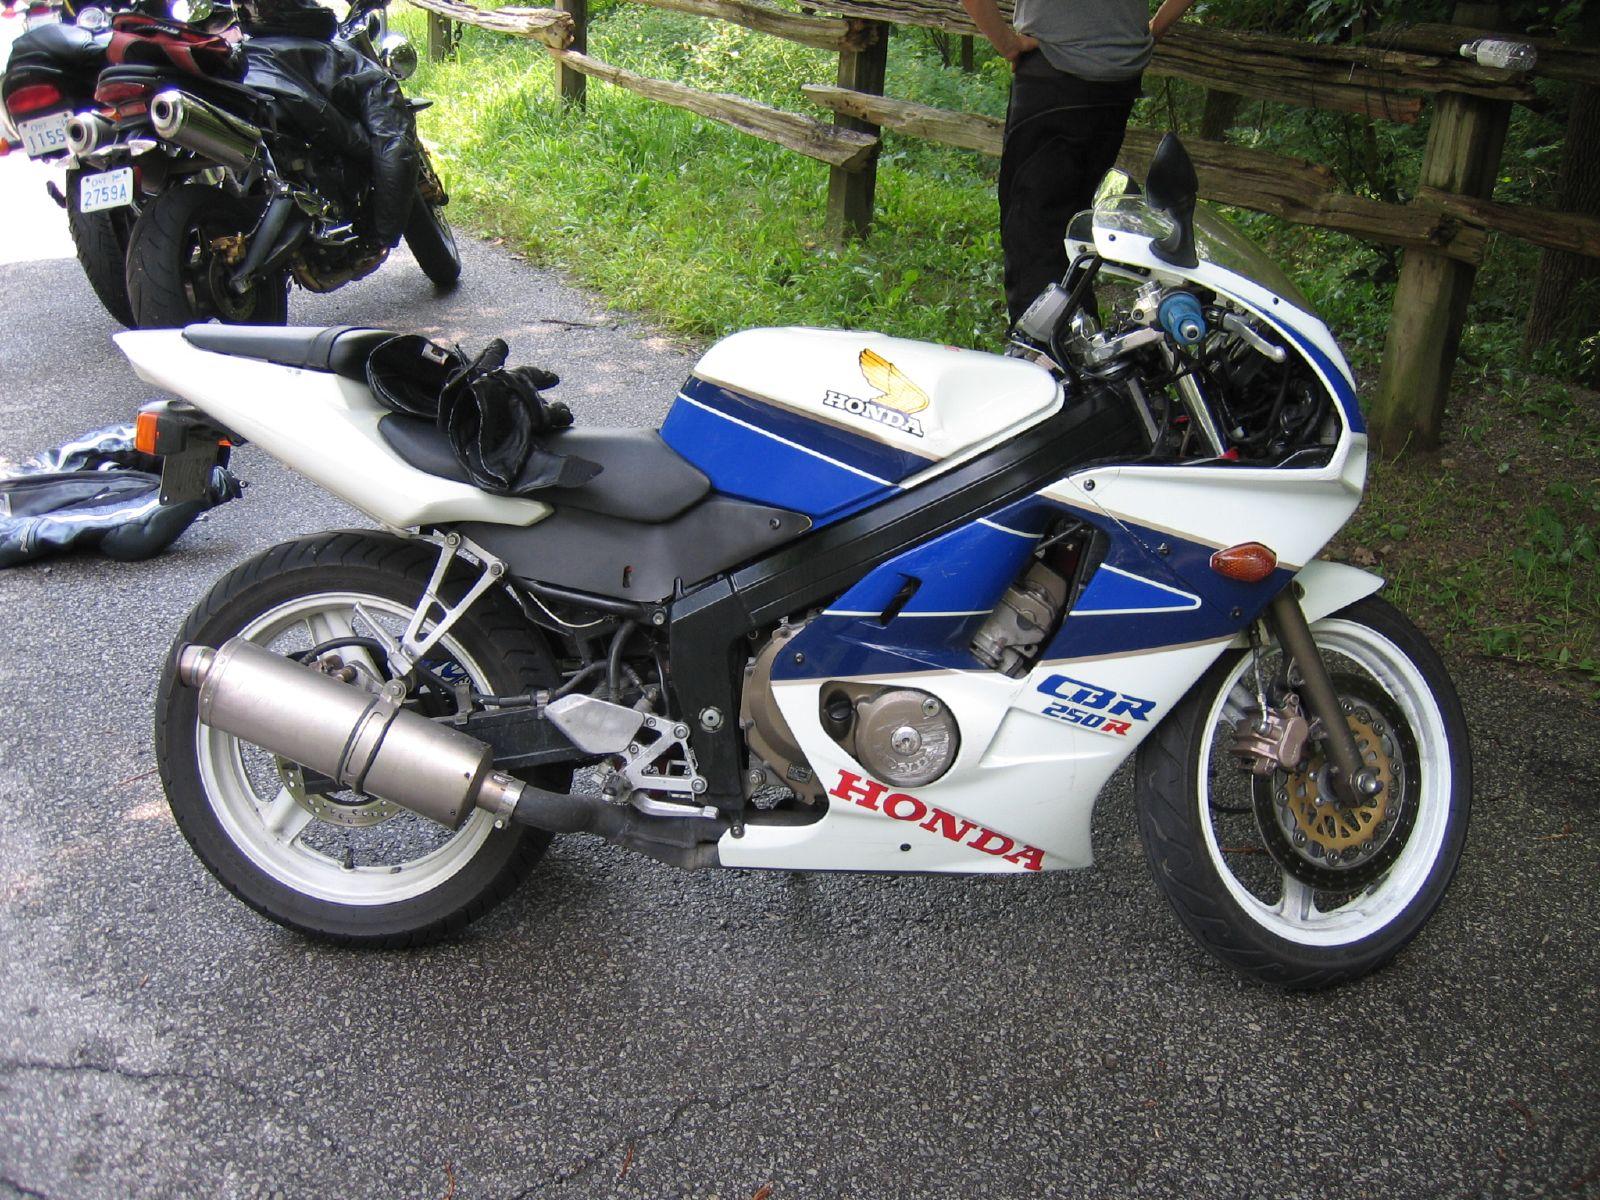 Kawasaki Motorcycle Parts Online Philippines